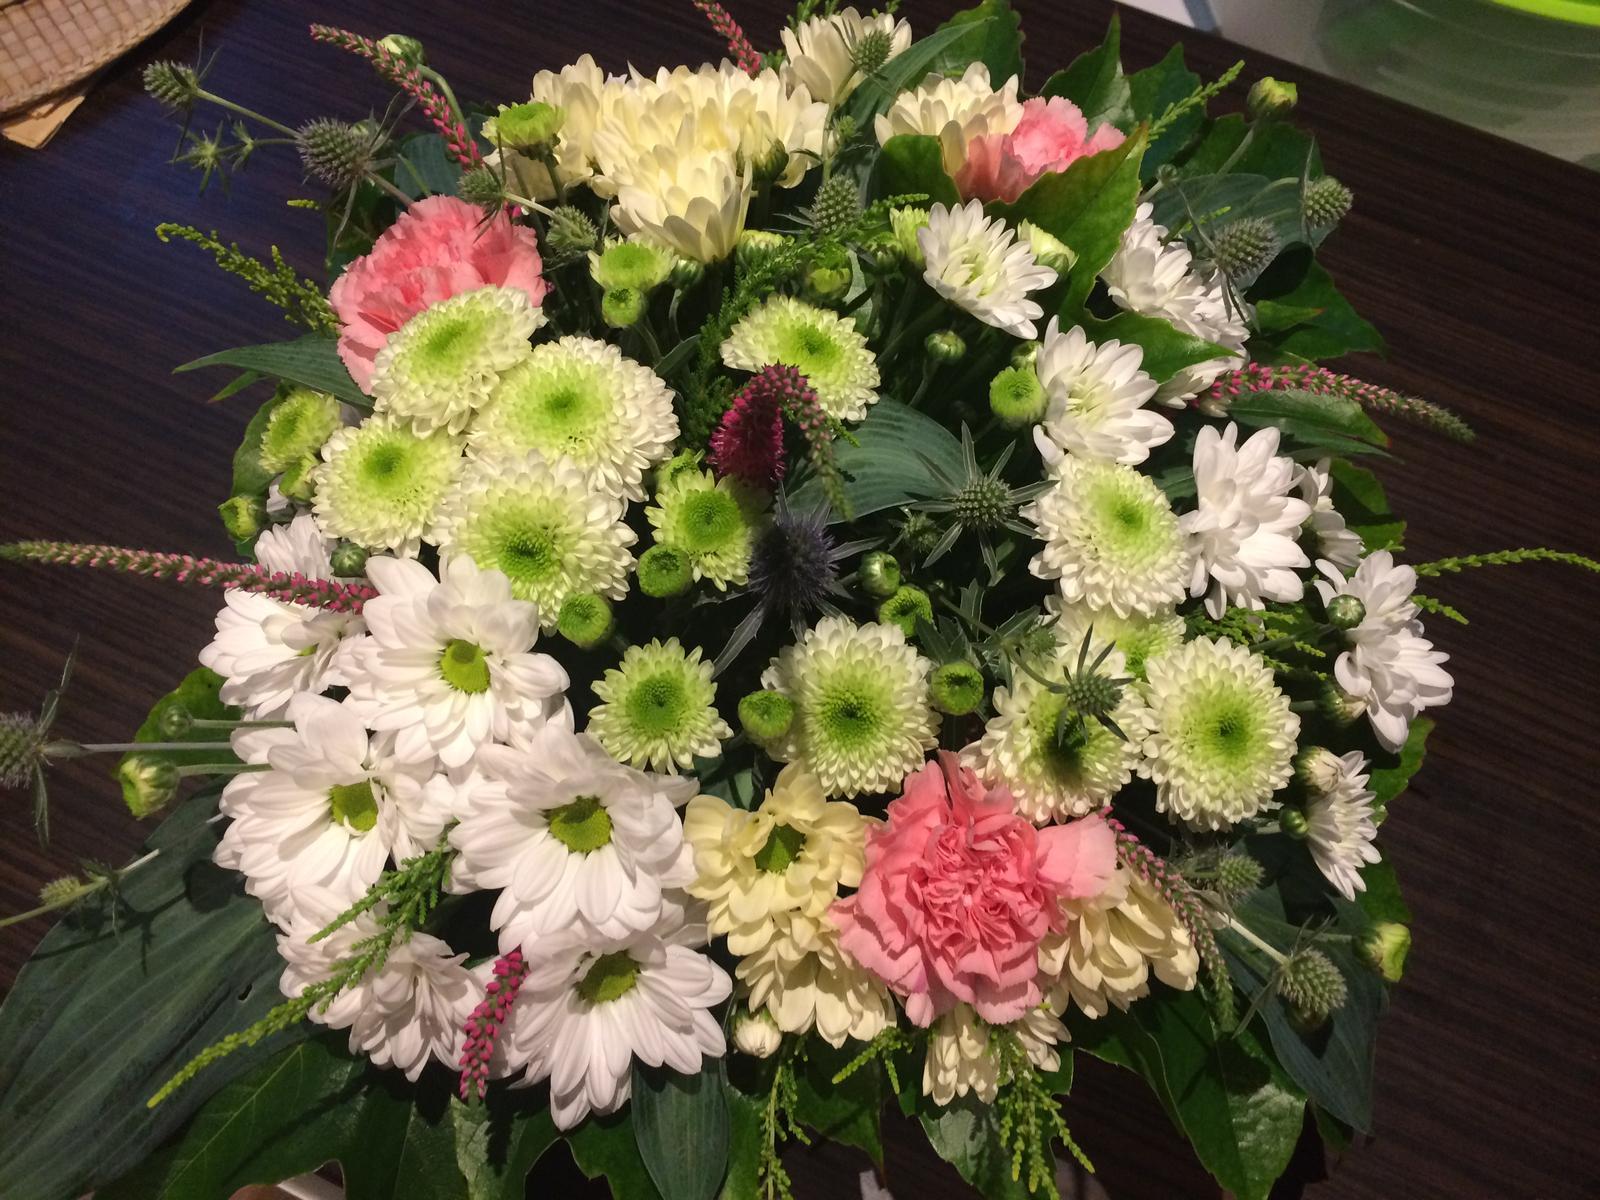 Dekorace z květin Pro radost - a můj výpěstek je ještě růžový rozrazil.... zbytek karafiáty, chryzantemy